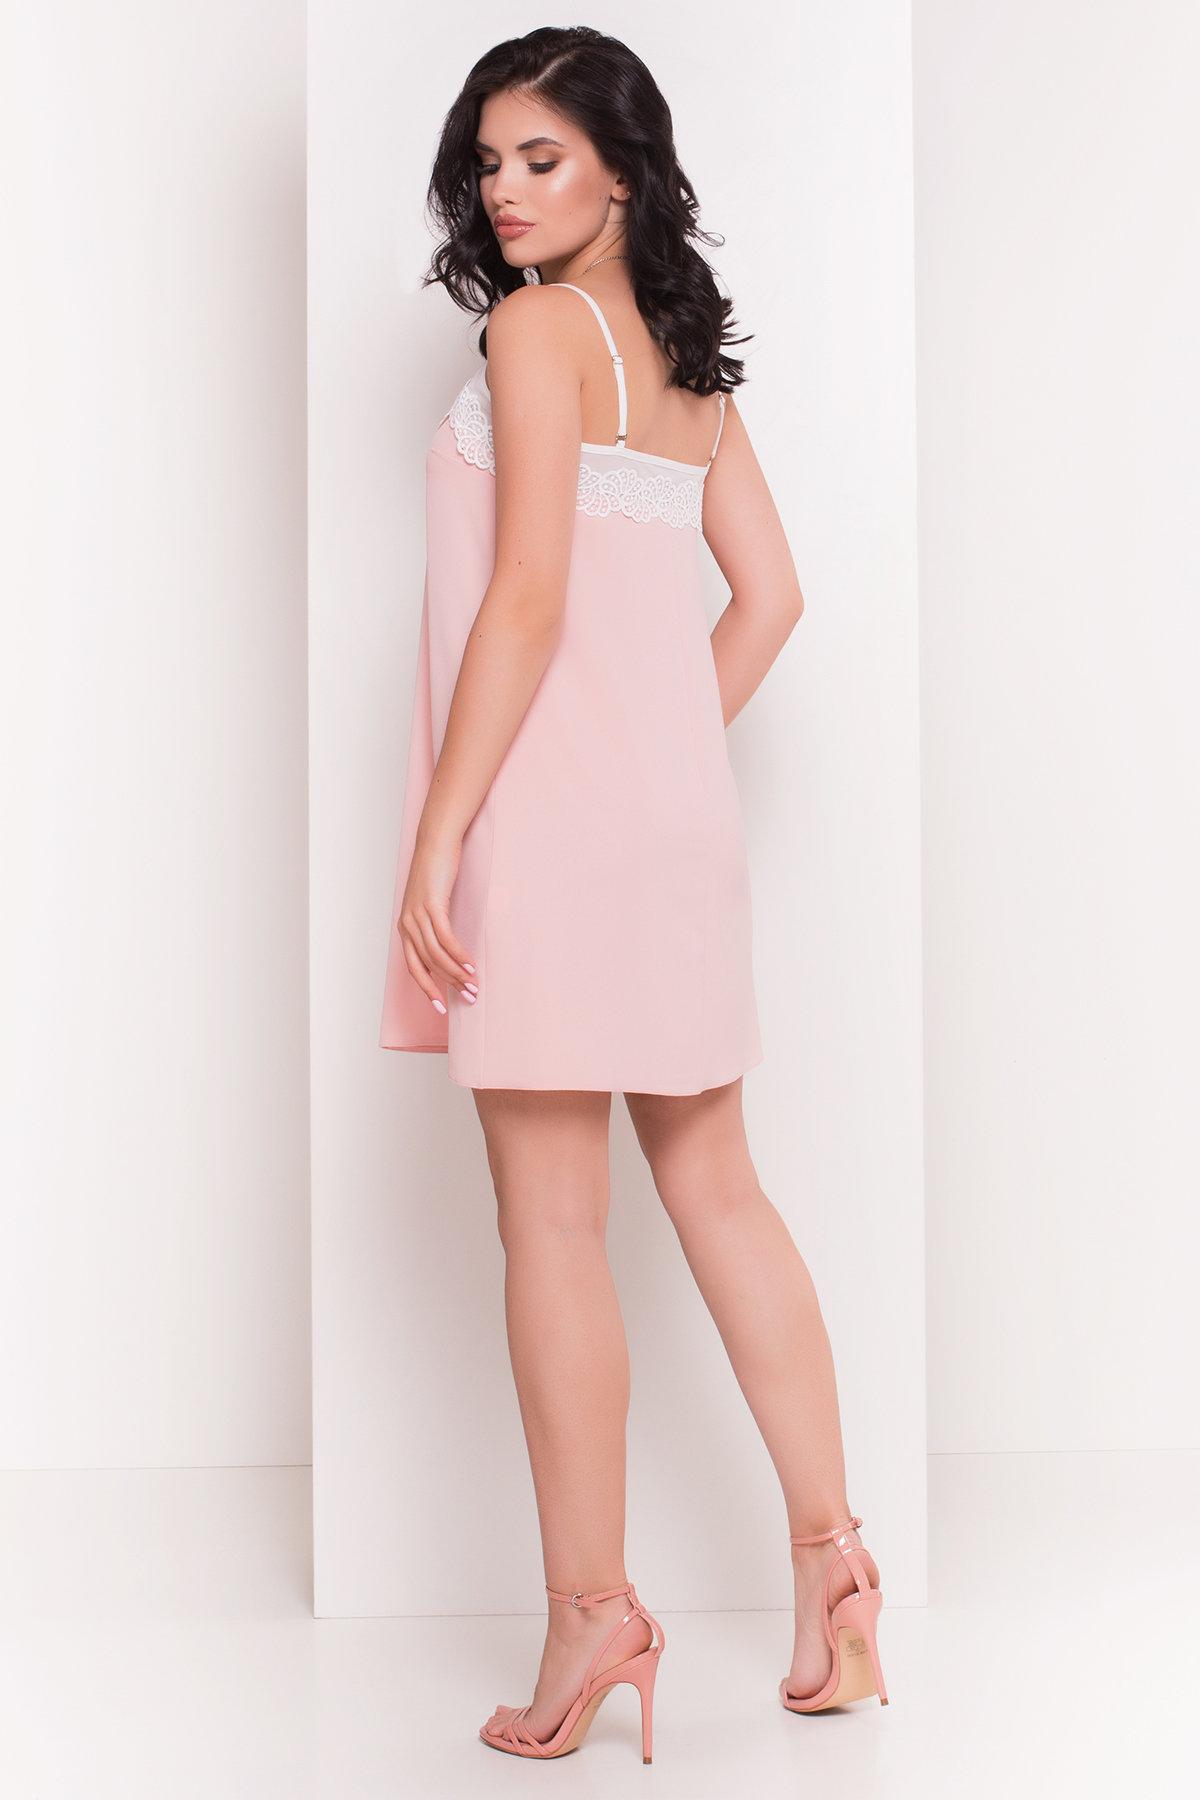 Платье Элиссон 5080 АРТ. 35735 Цвет: Персик - фото 3, интернет магазин tm-modus.ru